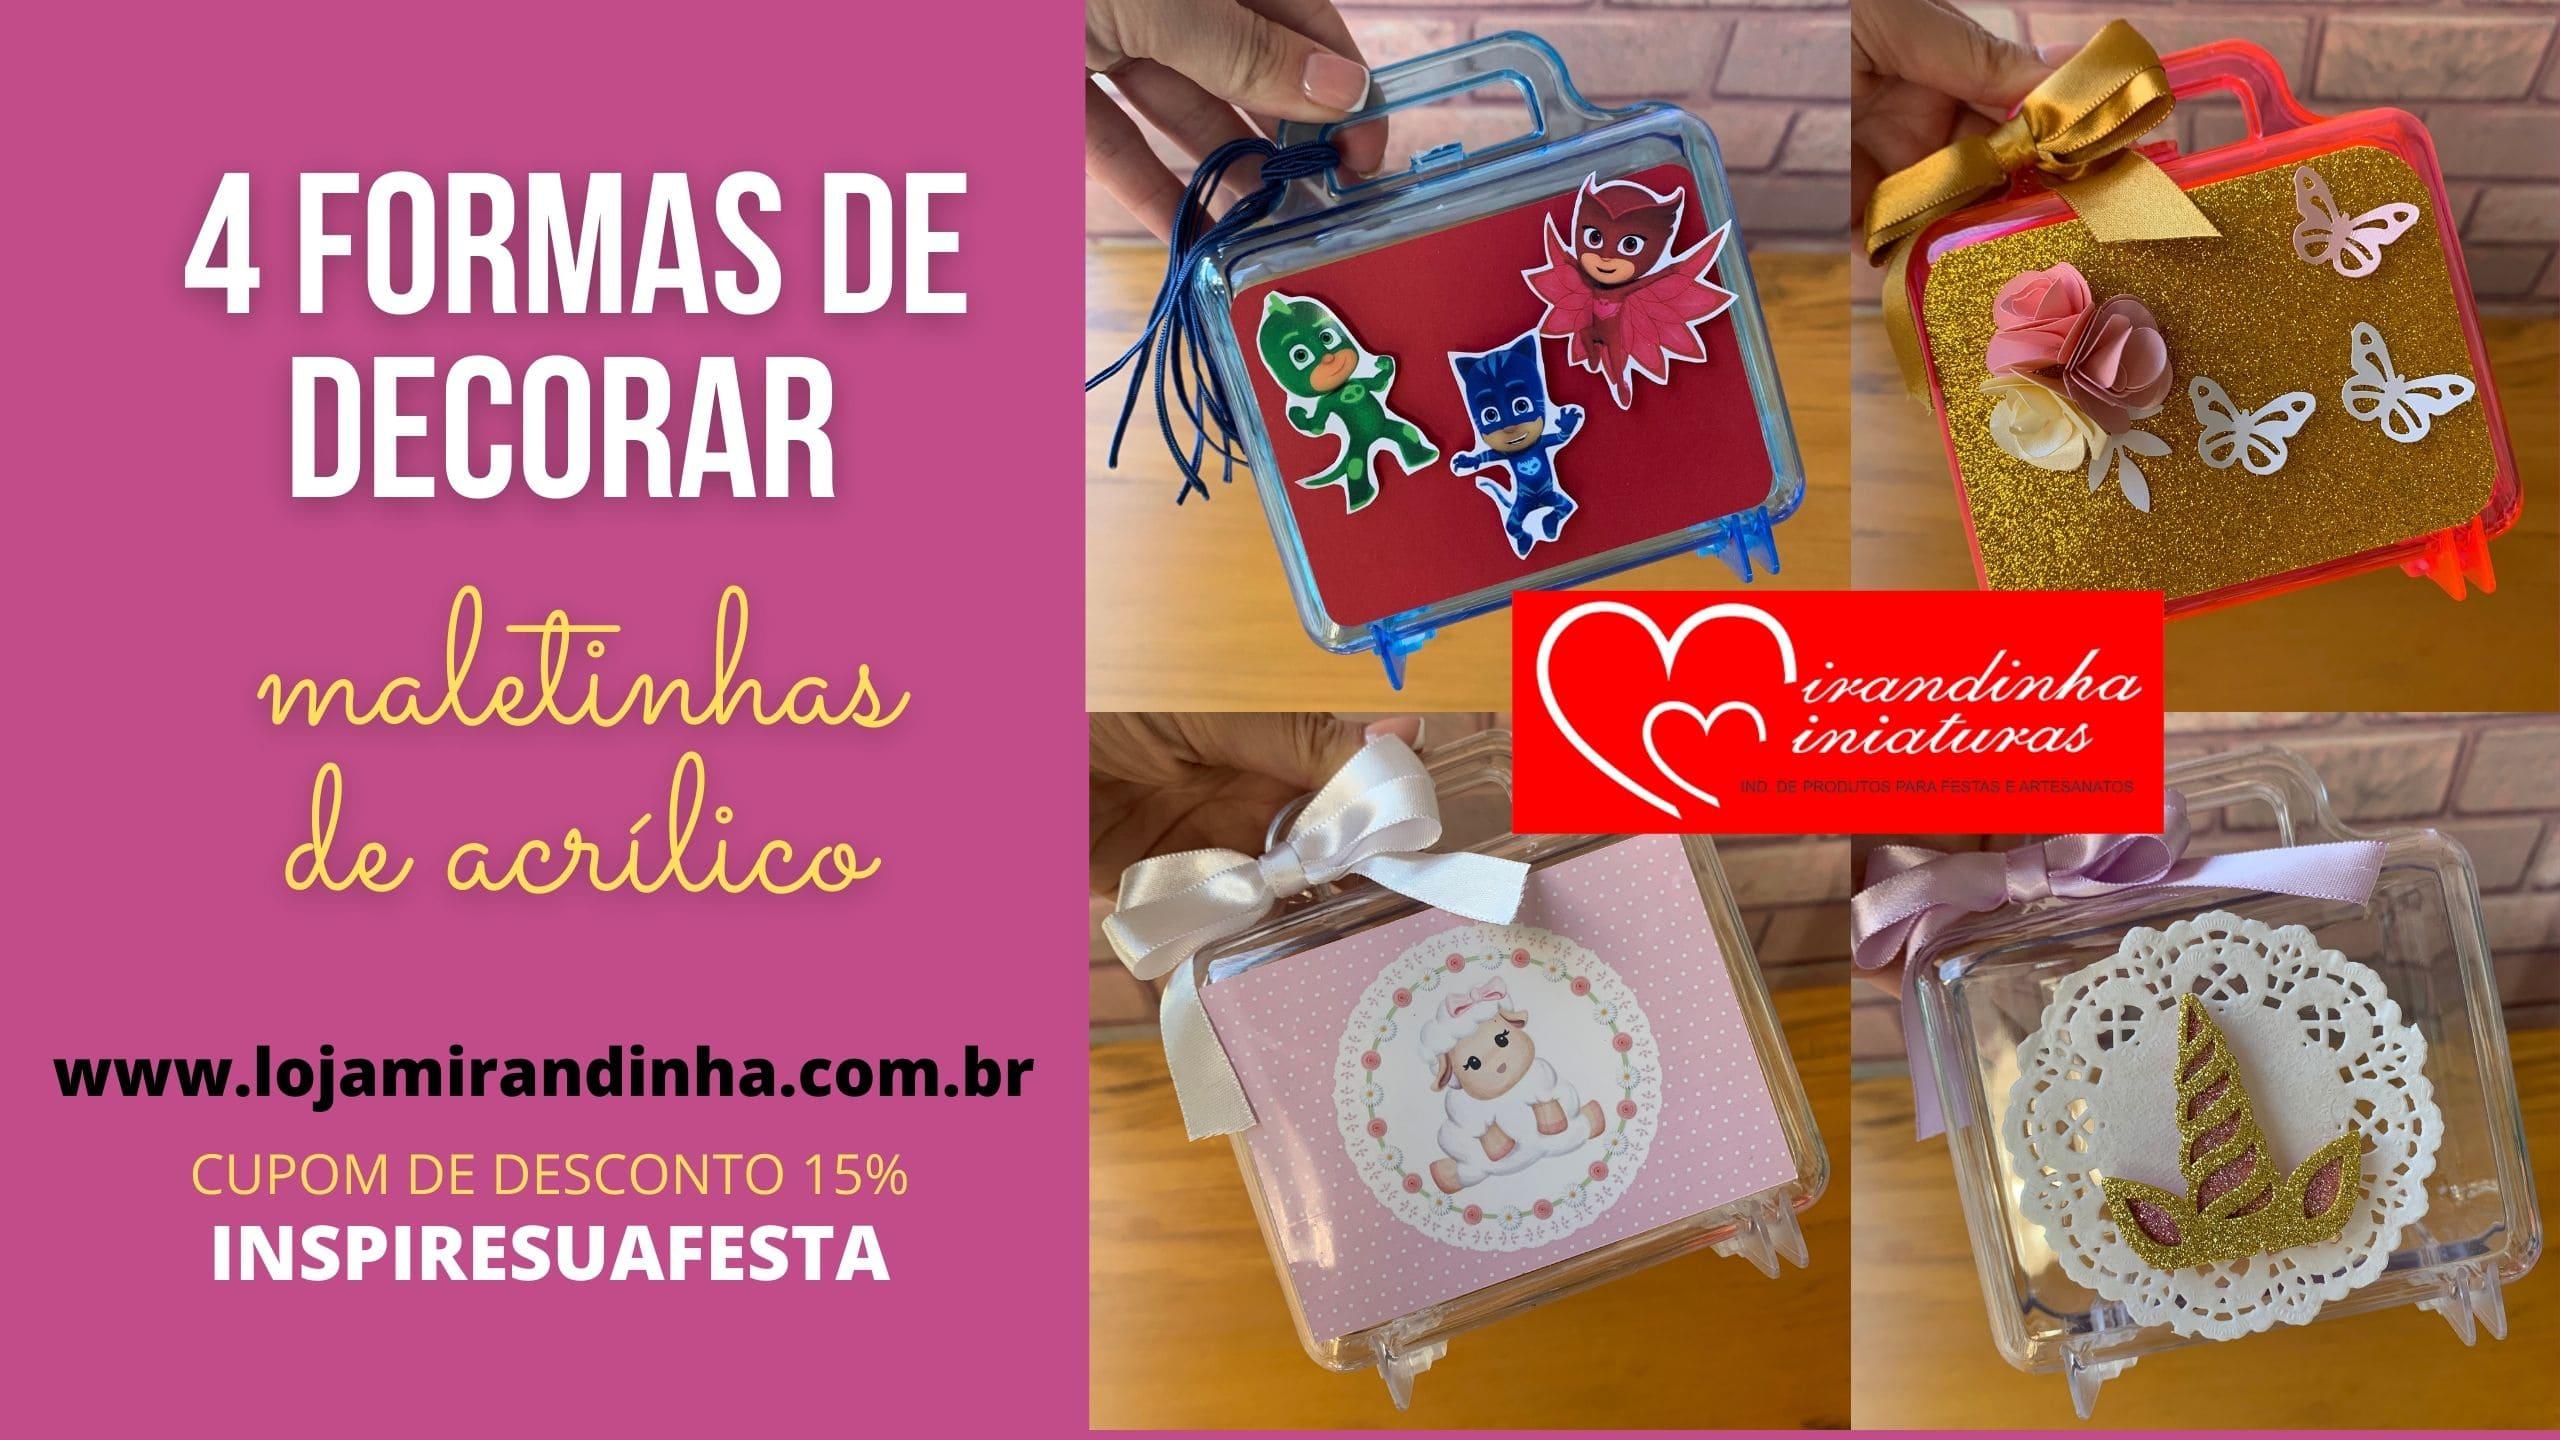 4 formas de decorar as maletinha de acrílico da empresa Mirandinha Miniaturas